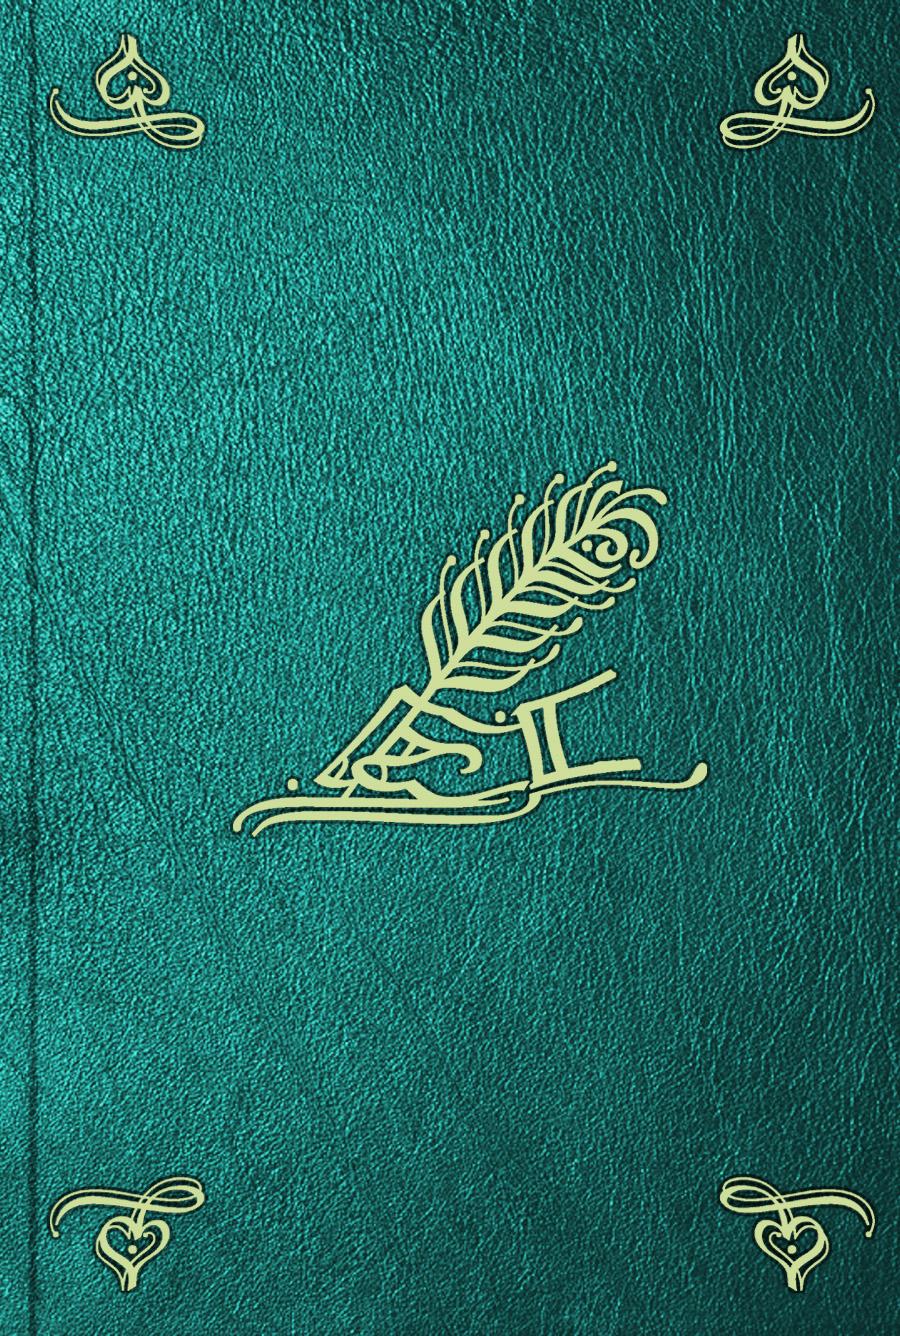 Comte de Buffon Georges Louis Leclerc Histoire naturelle. T. 2. Oiseaux comte de buffon georges louis leclerc histoire naturelle t 6 oiseaux